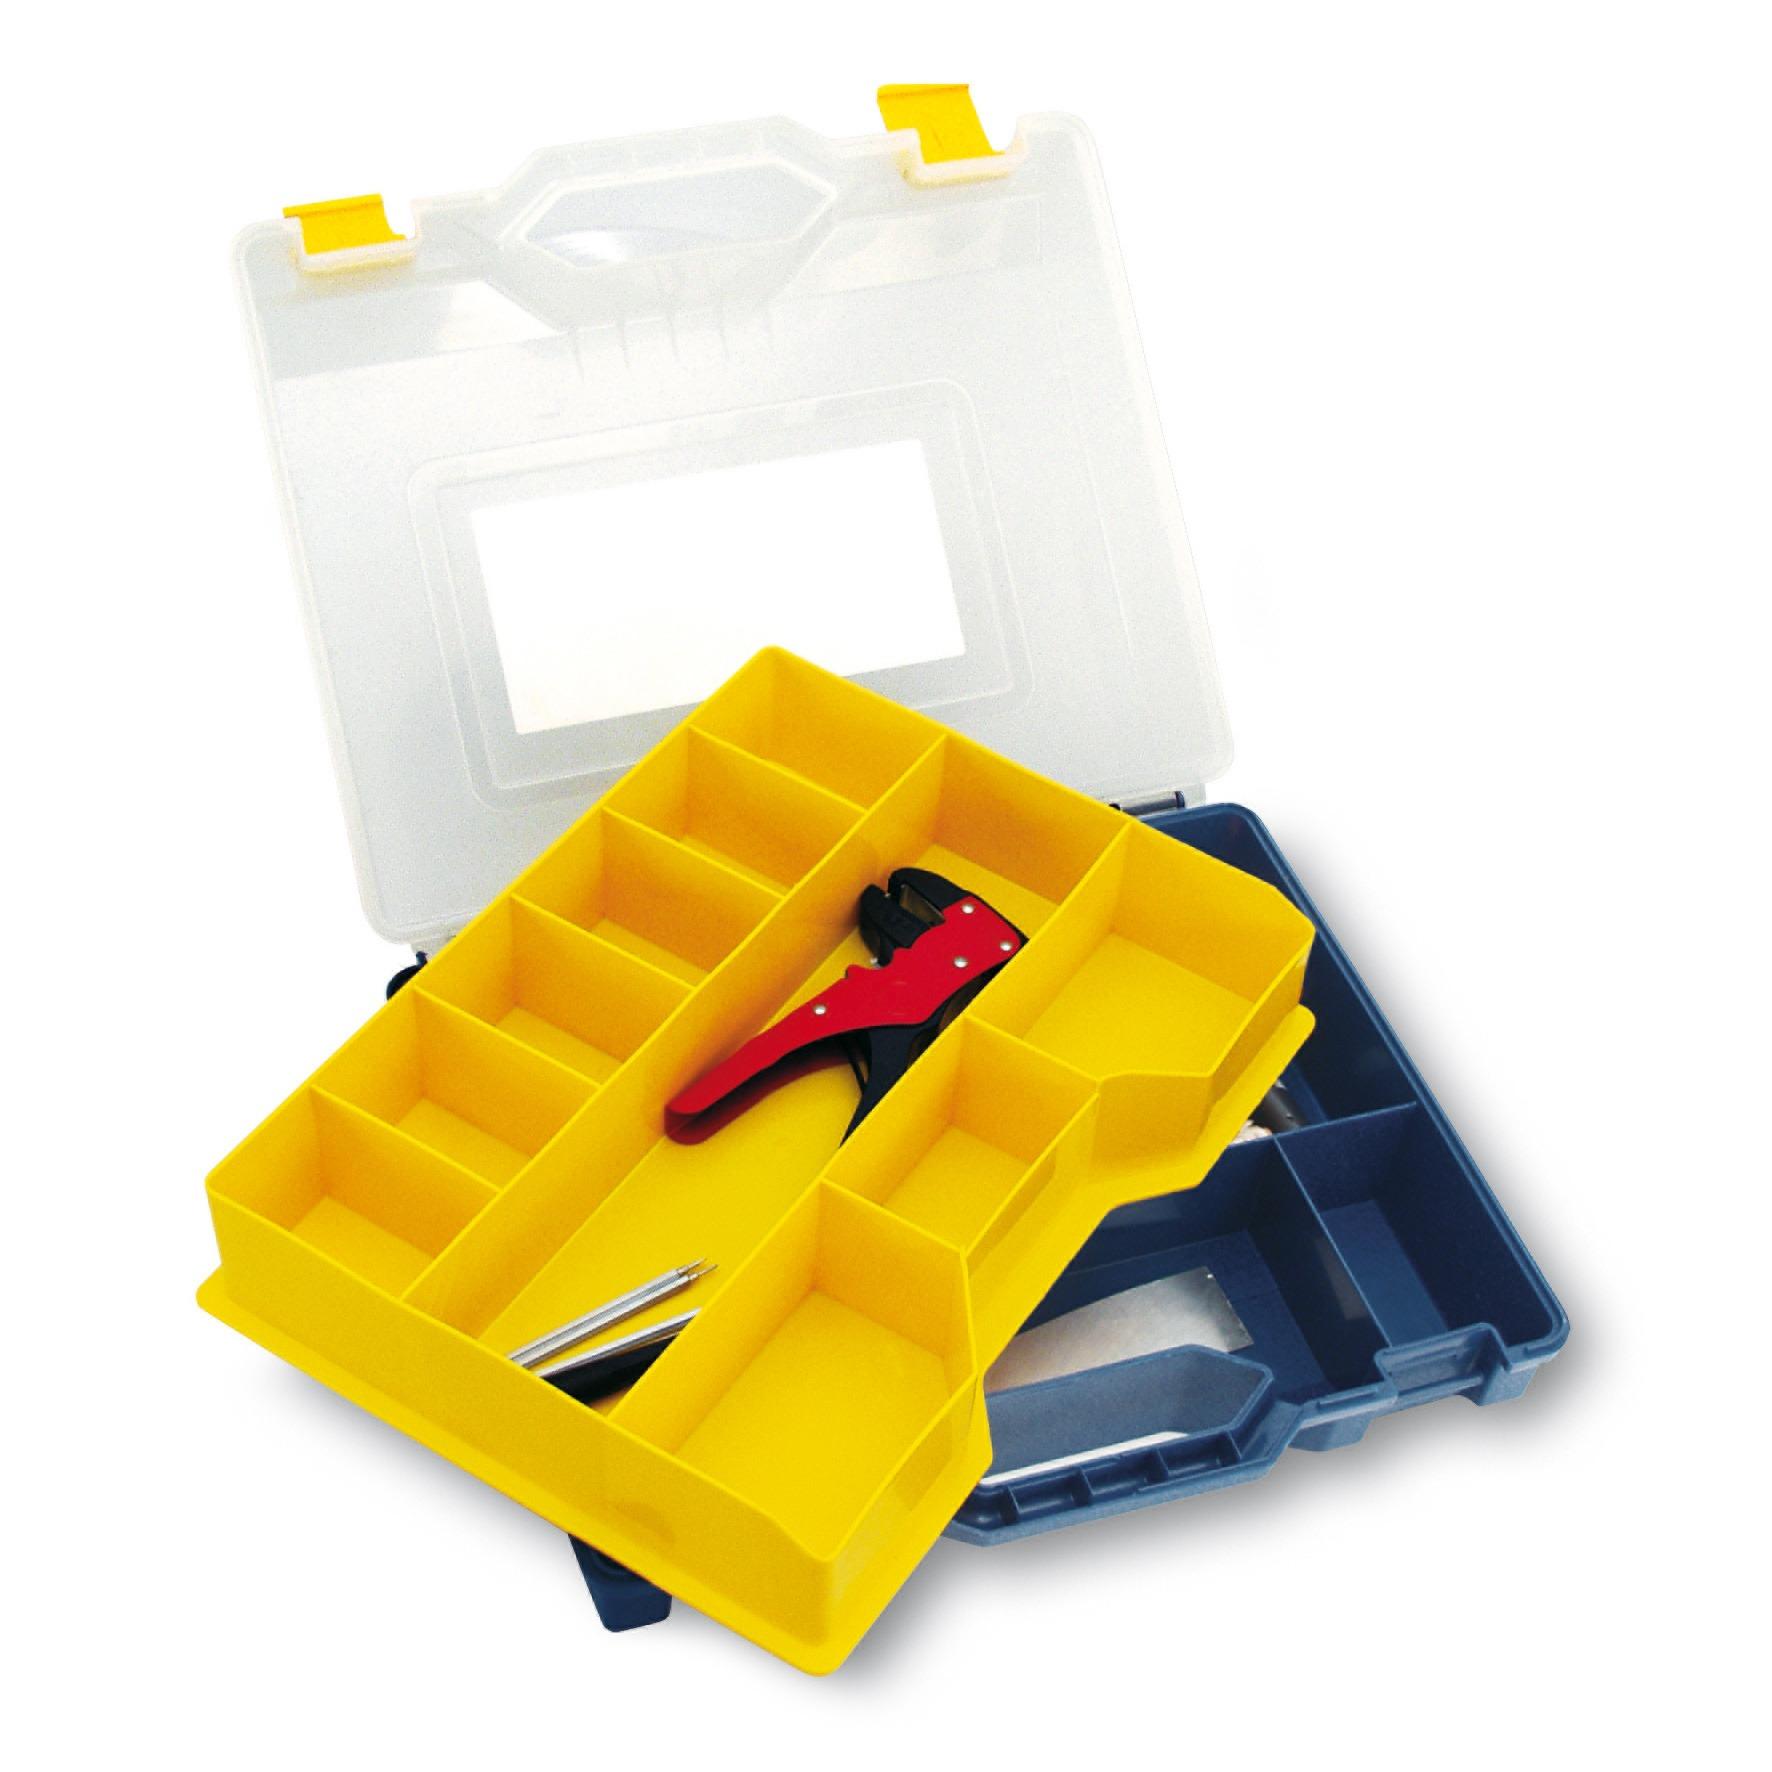 3 maletas herramientas electricas - Maletín de herramientas